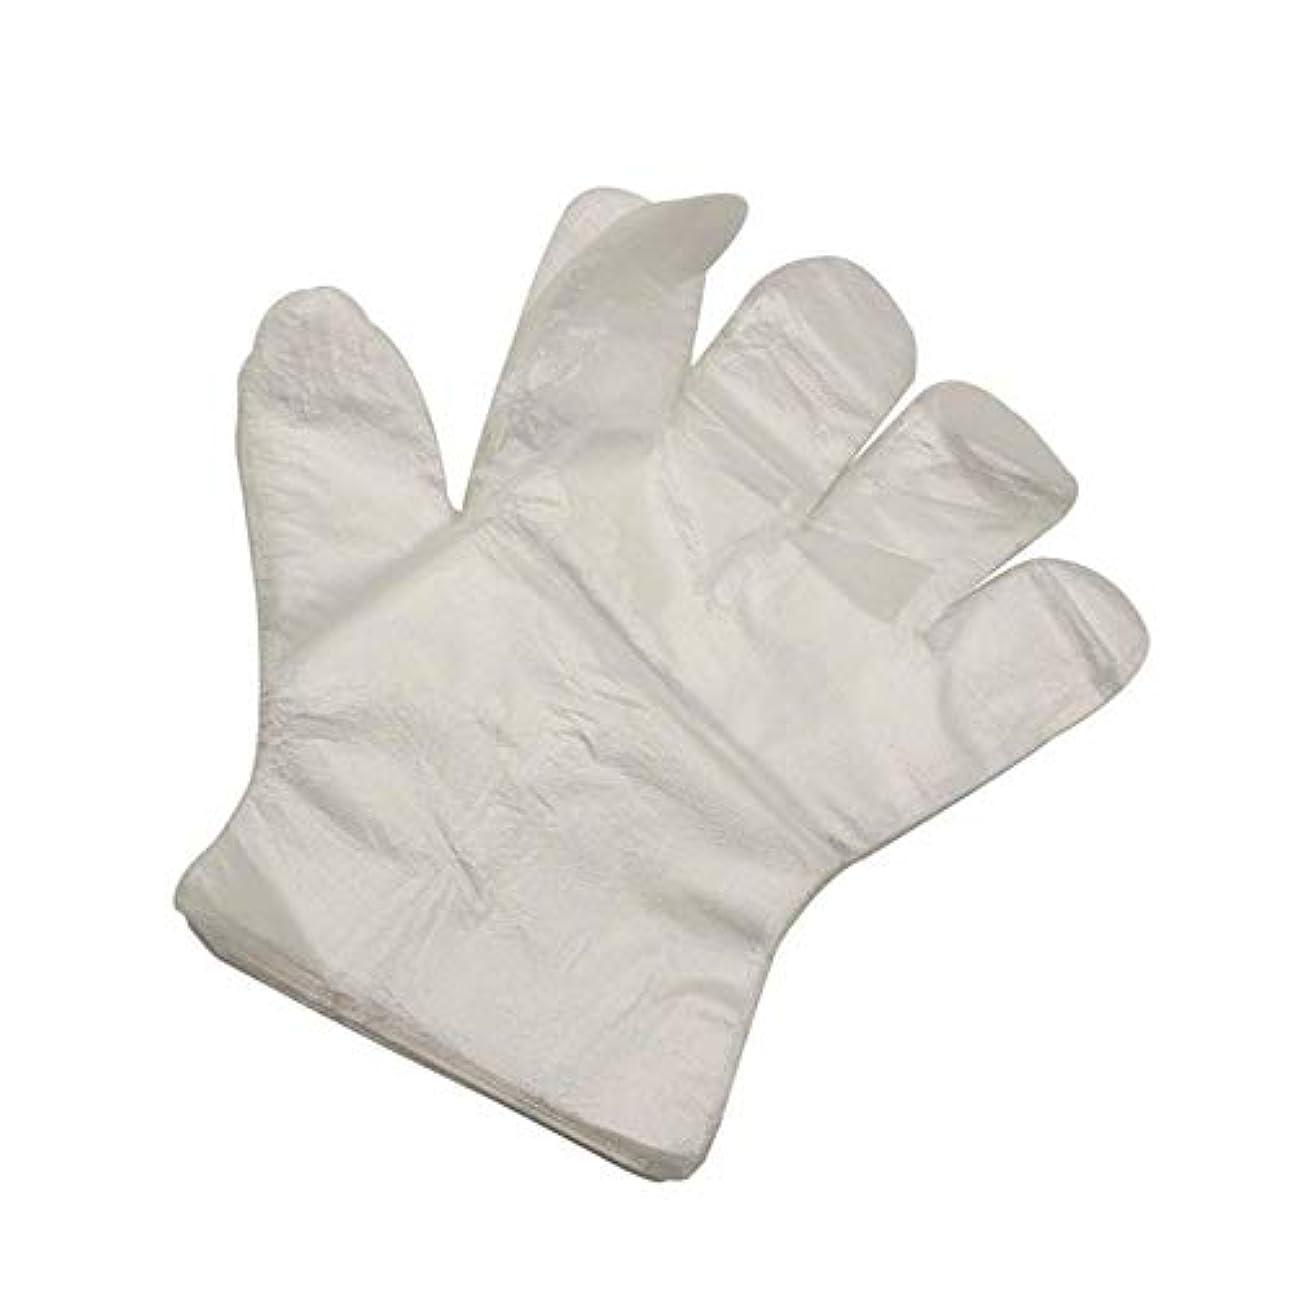 ハチシャーク列車使い捨て手袋 極薄ビニール手袋 調理 透明 実用 衛生 左右両手が使える 家、レストラン、掃除、木工に使用することができます (1000)